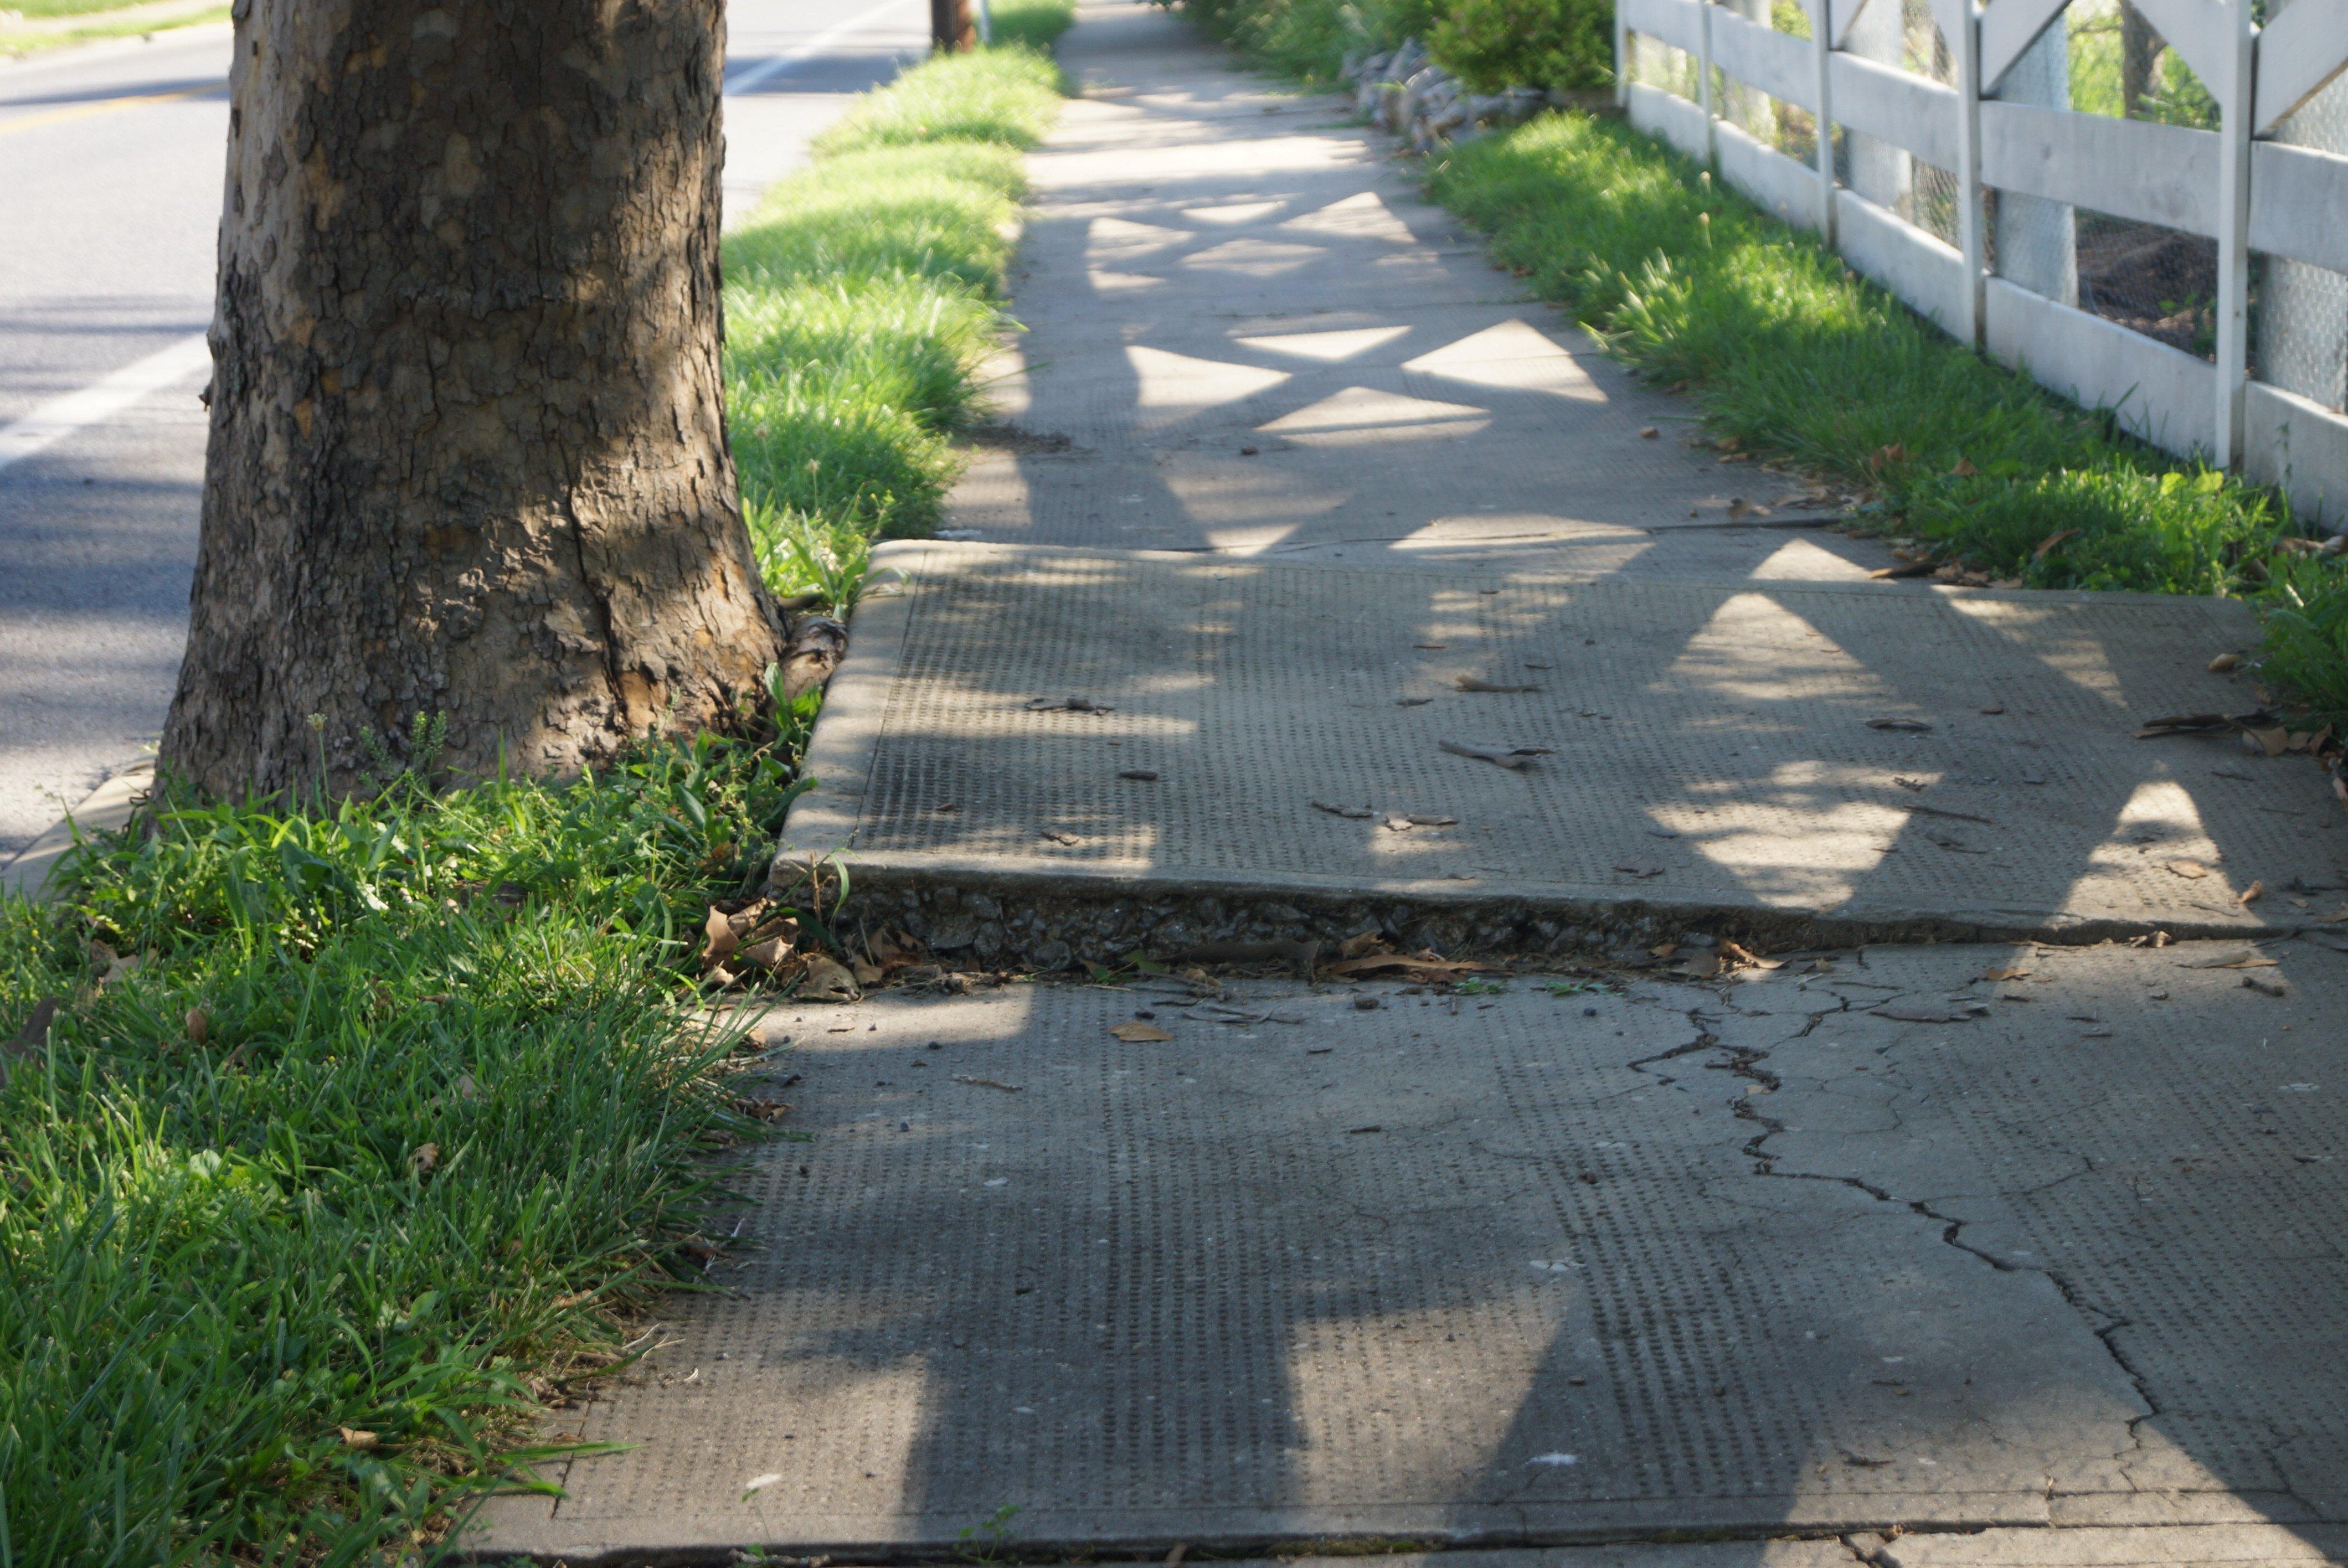 Fairmont Sidewalk